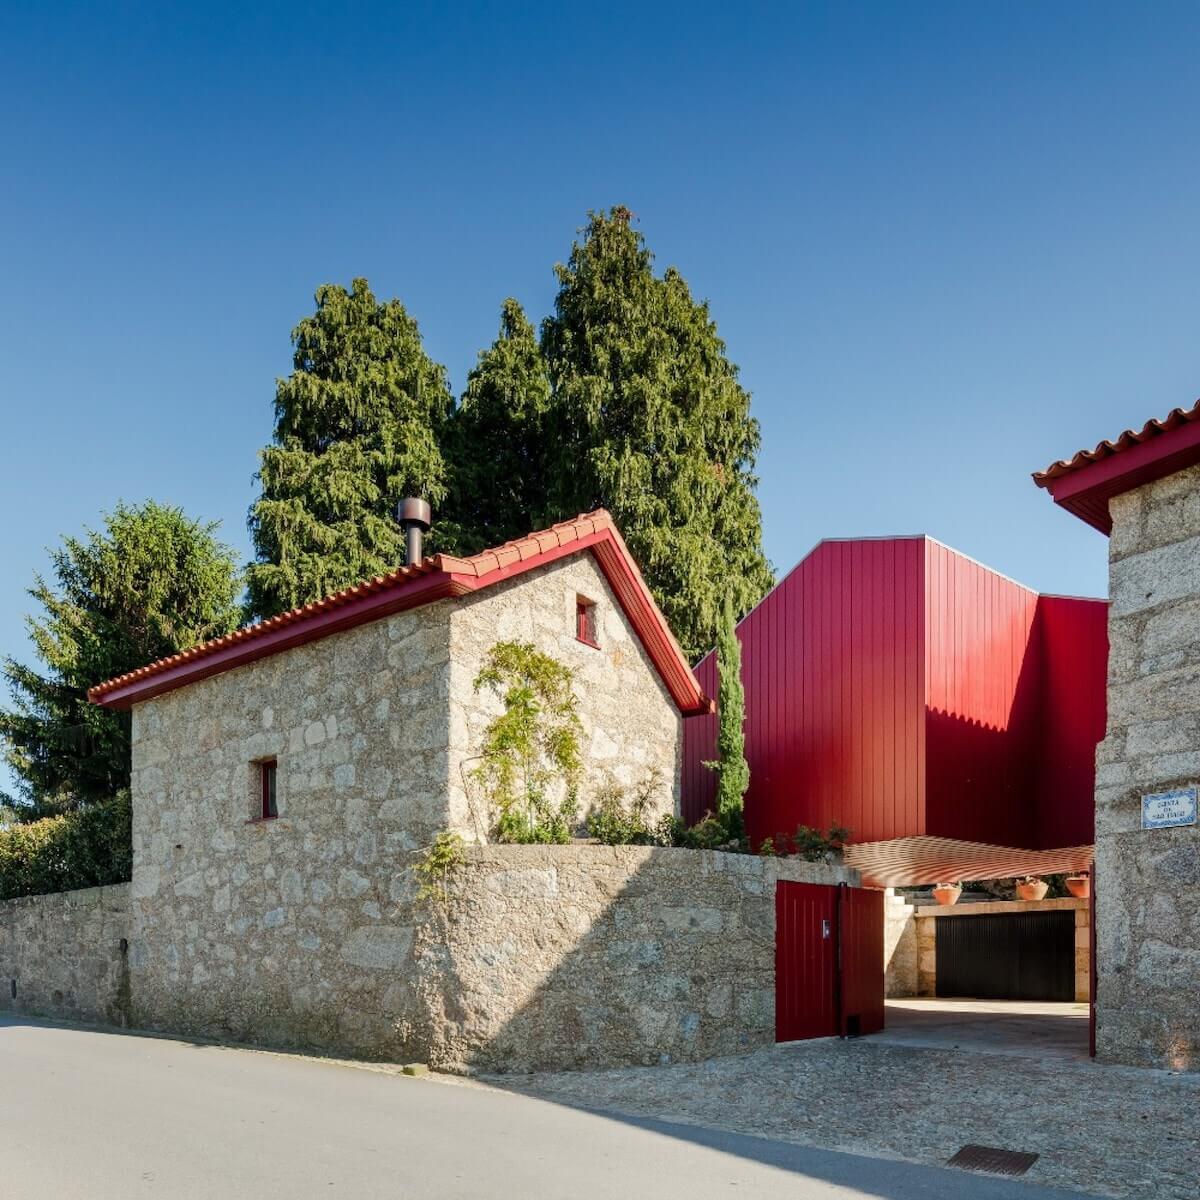 Arquitetura: NOARQ .  Projeto: QST house .  Fotografia: ©João Morgado